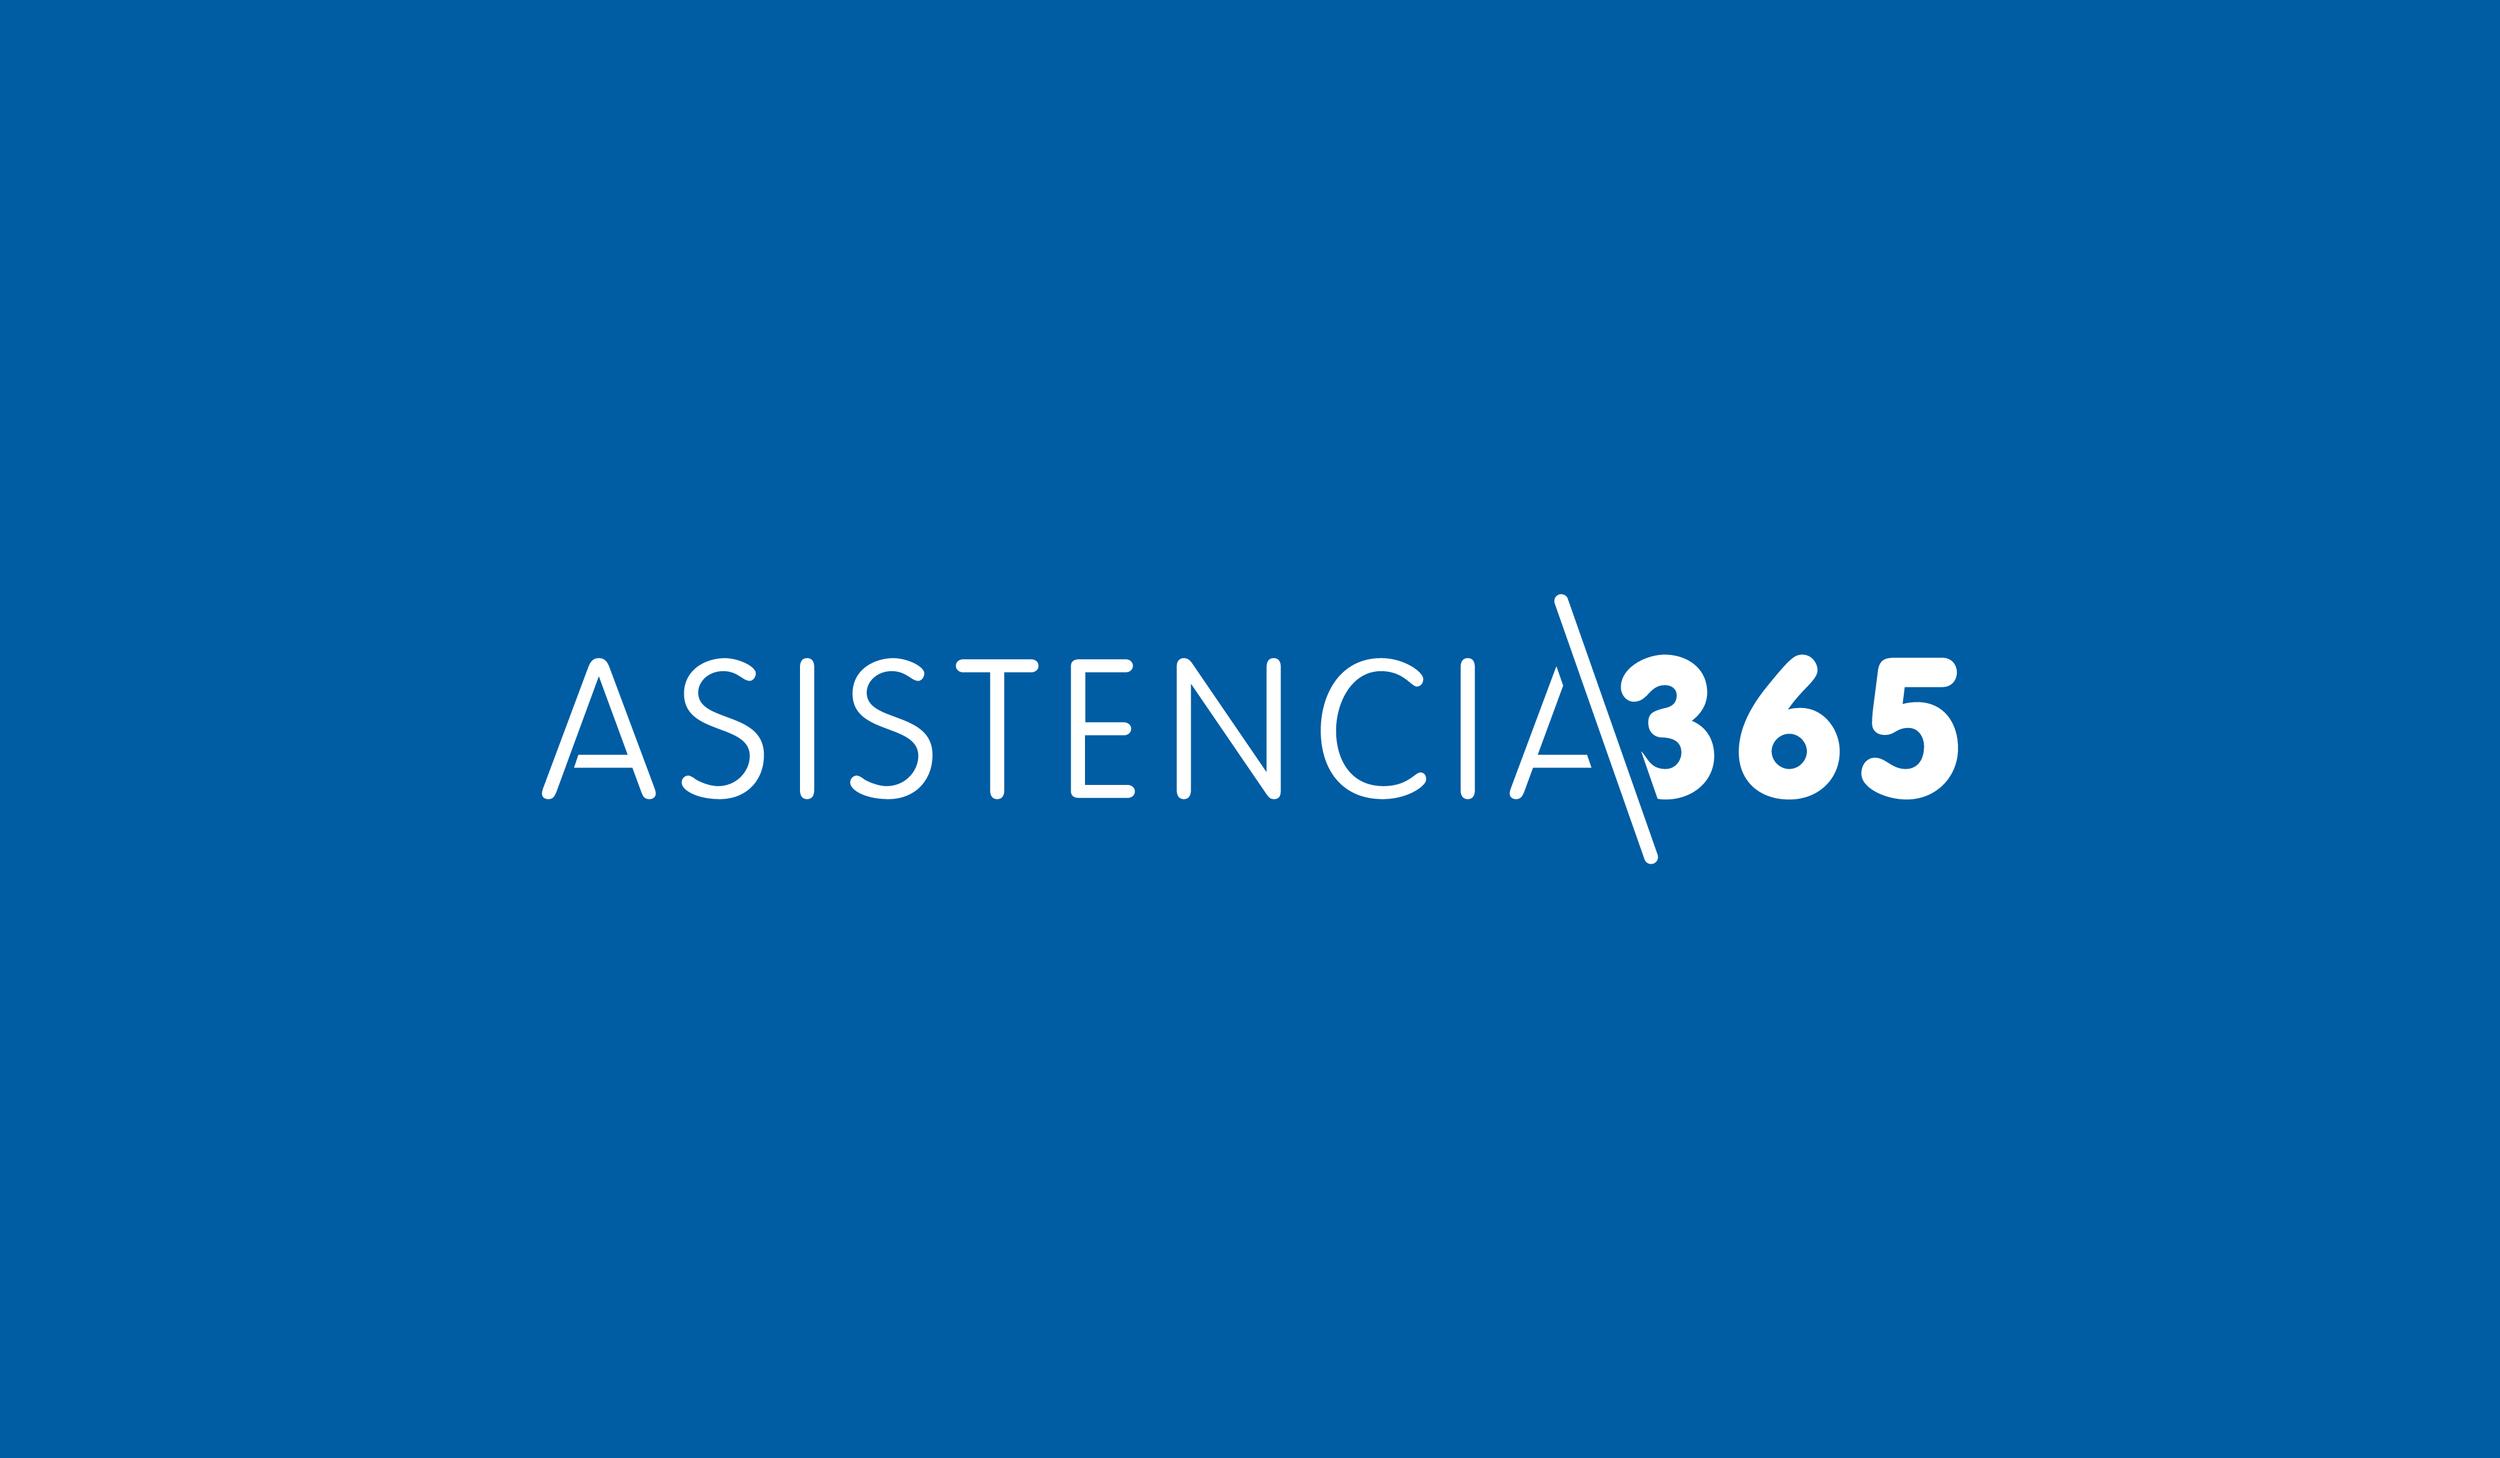 asistencia365_web-03.png